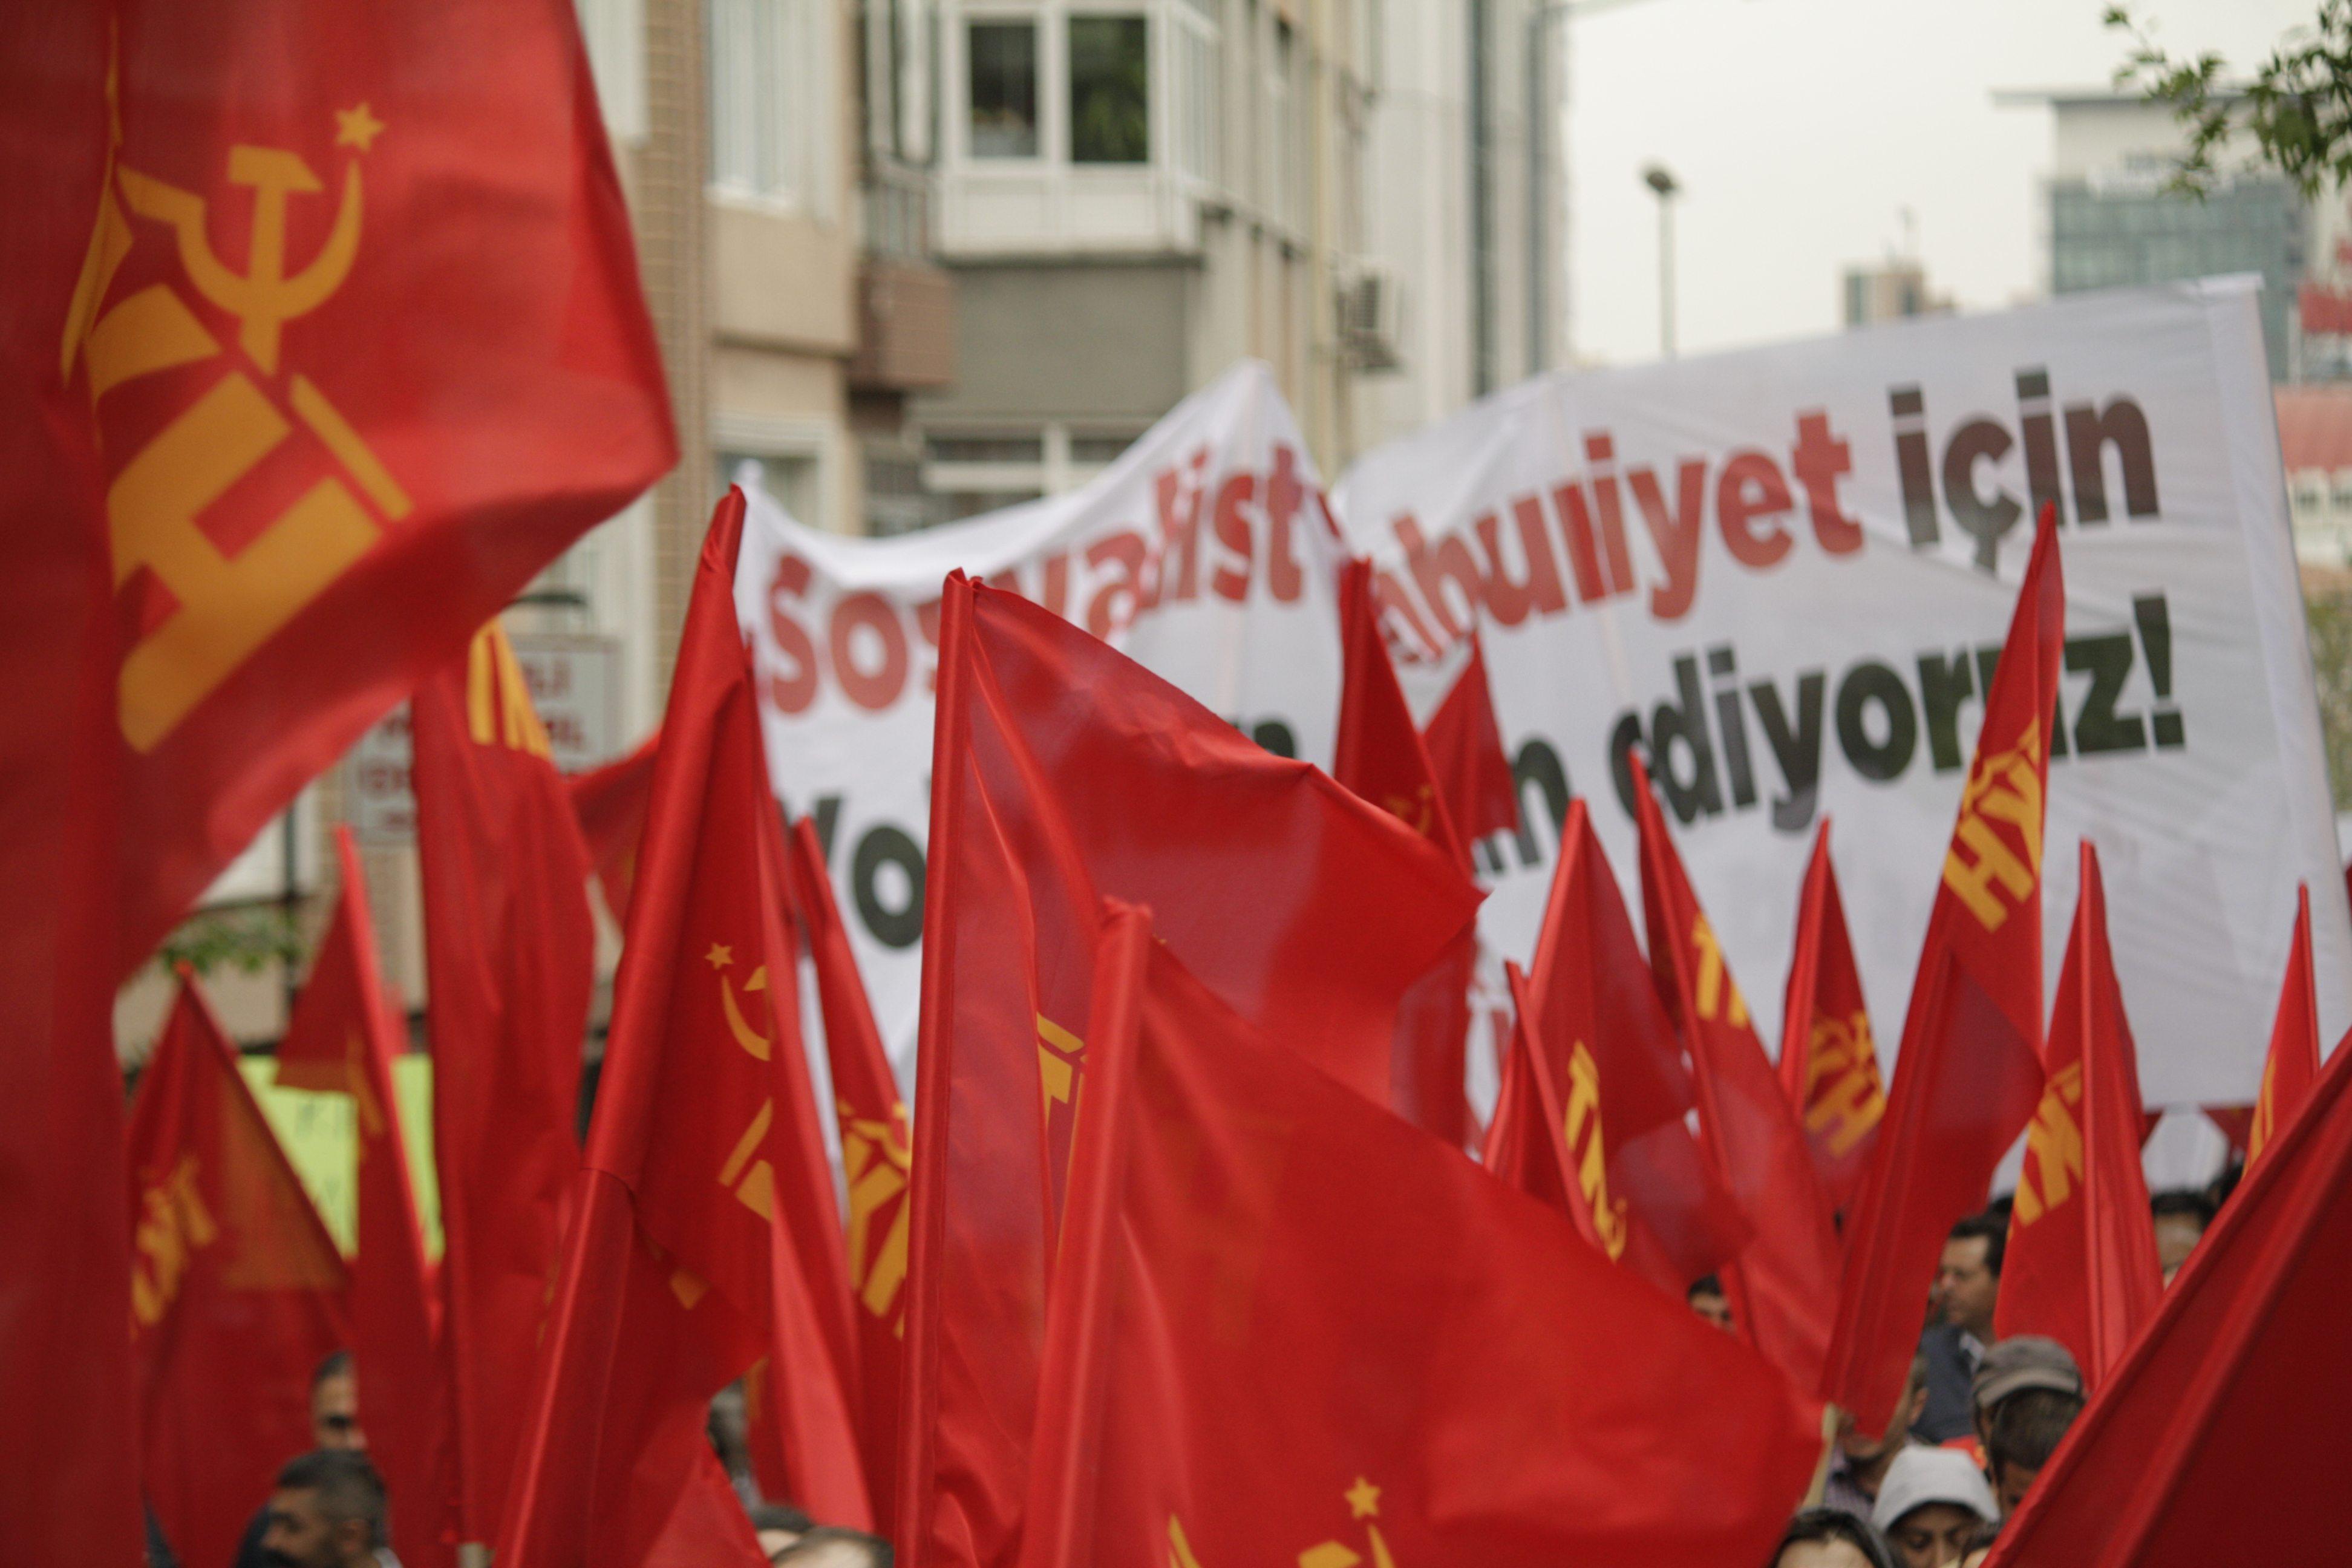 Türkiye Komünist Hareketi: Vize oyunu hikaye, asıl İncirlik kapatılmalı, NATO'dan çıkılmalıdır!